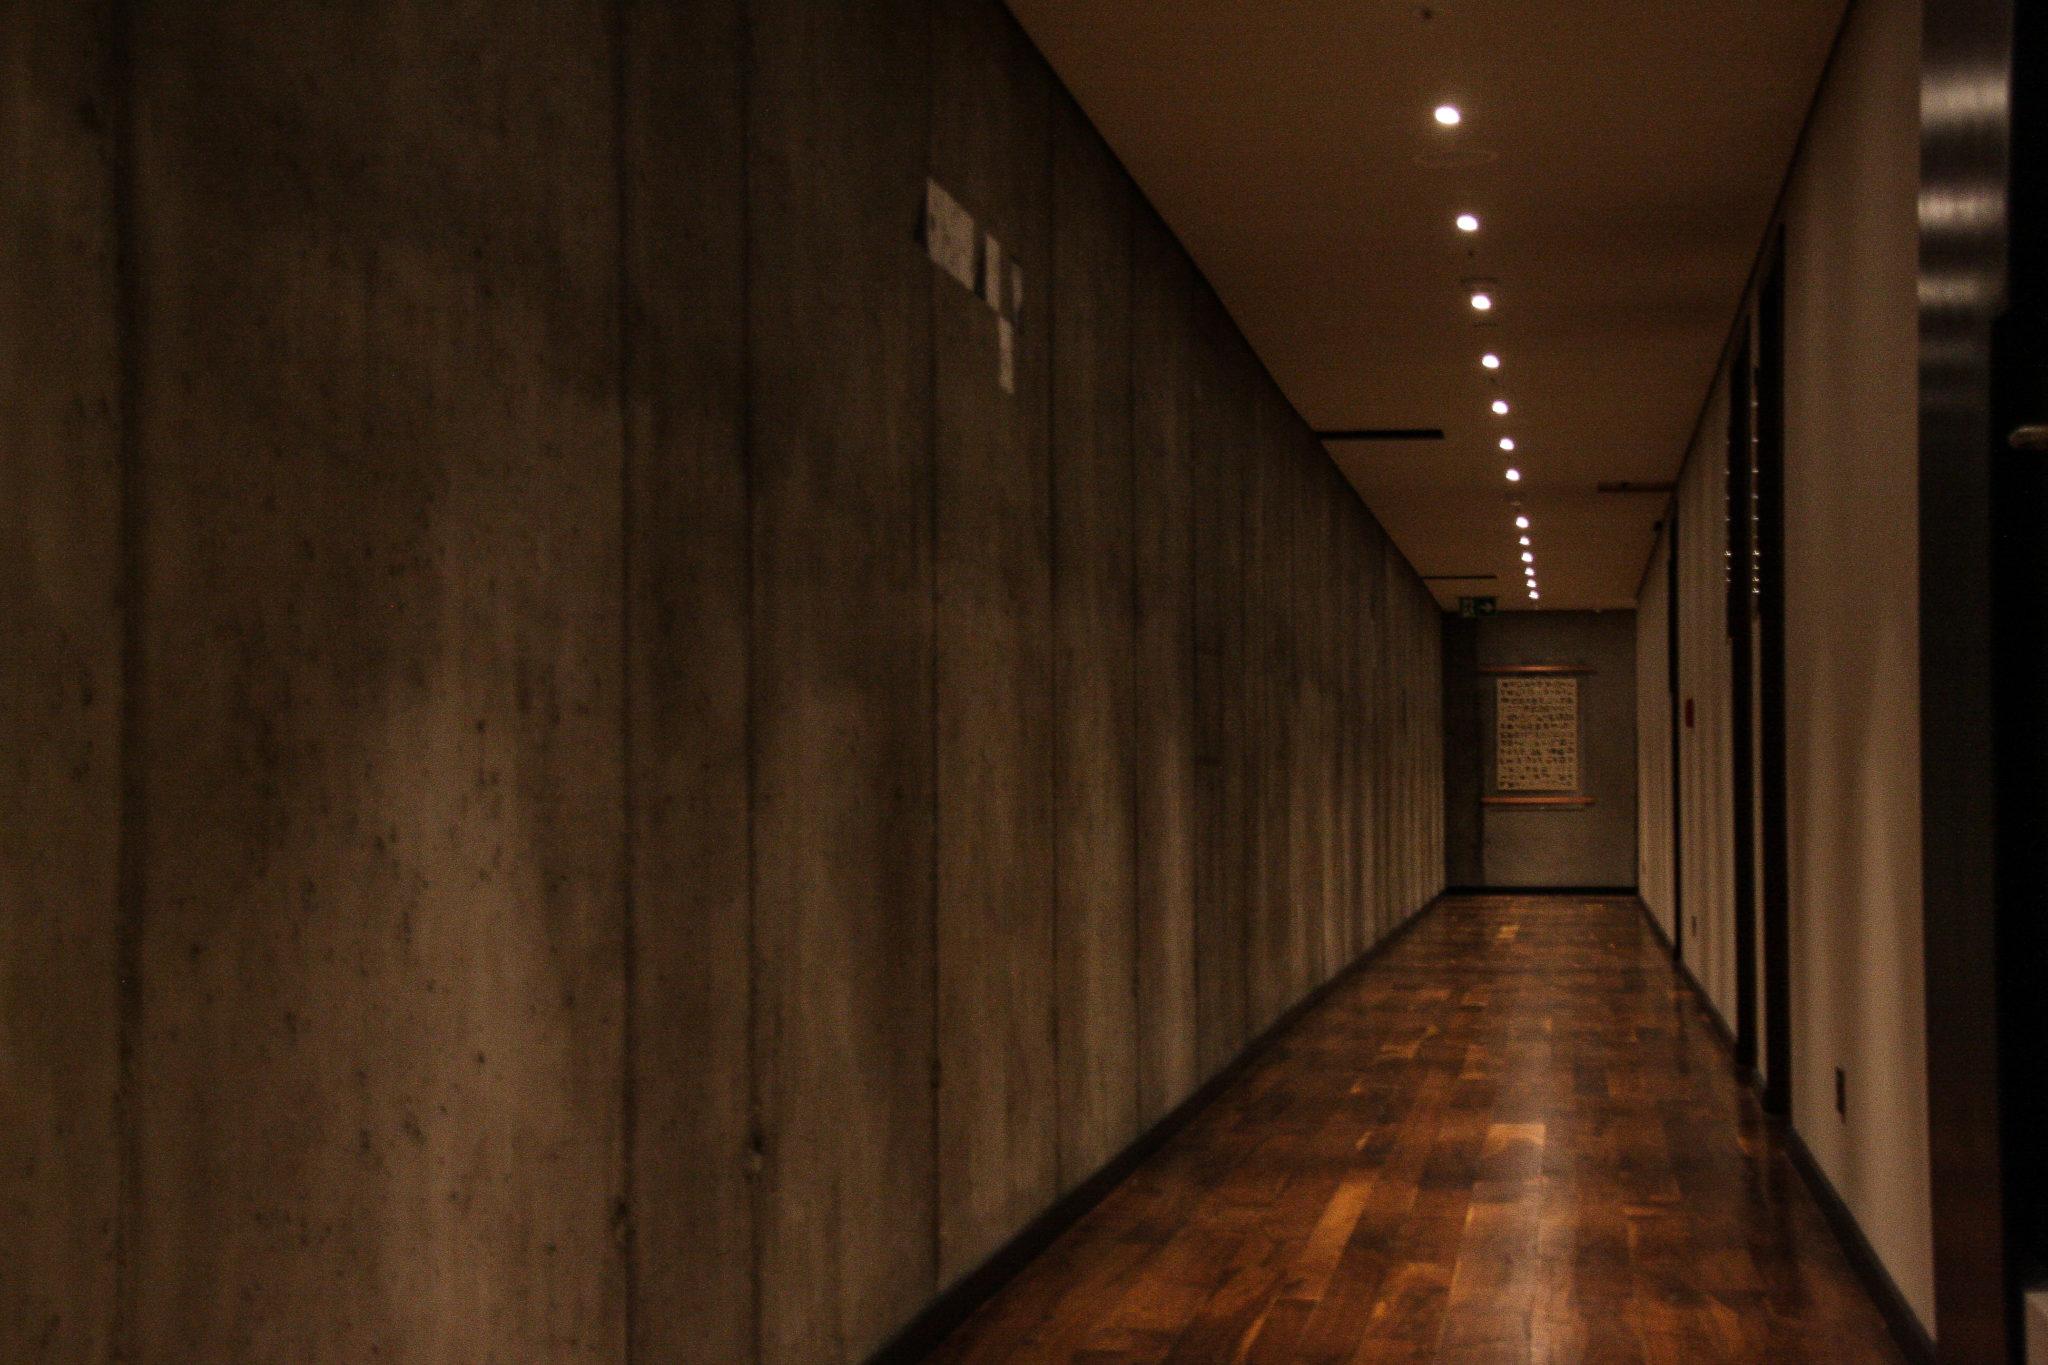 Długi korytarz z drewnianą podłogą i minimalnym światłem